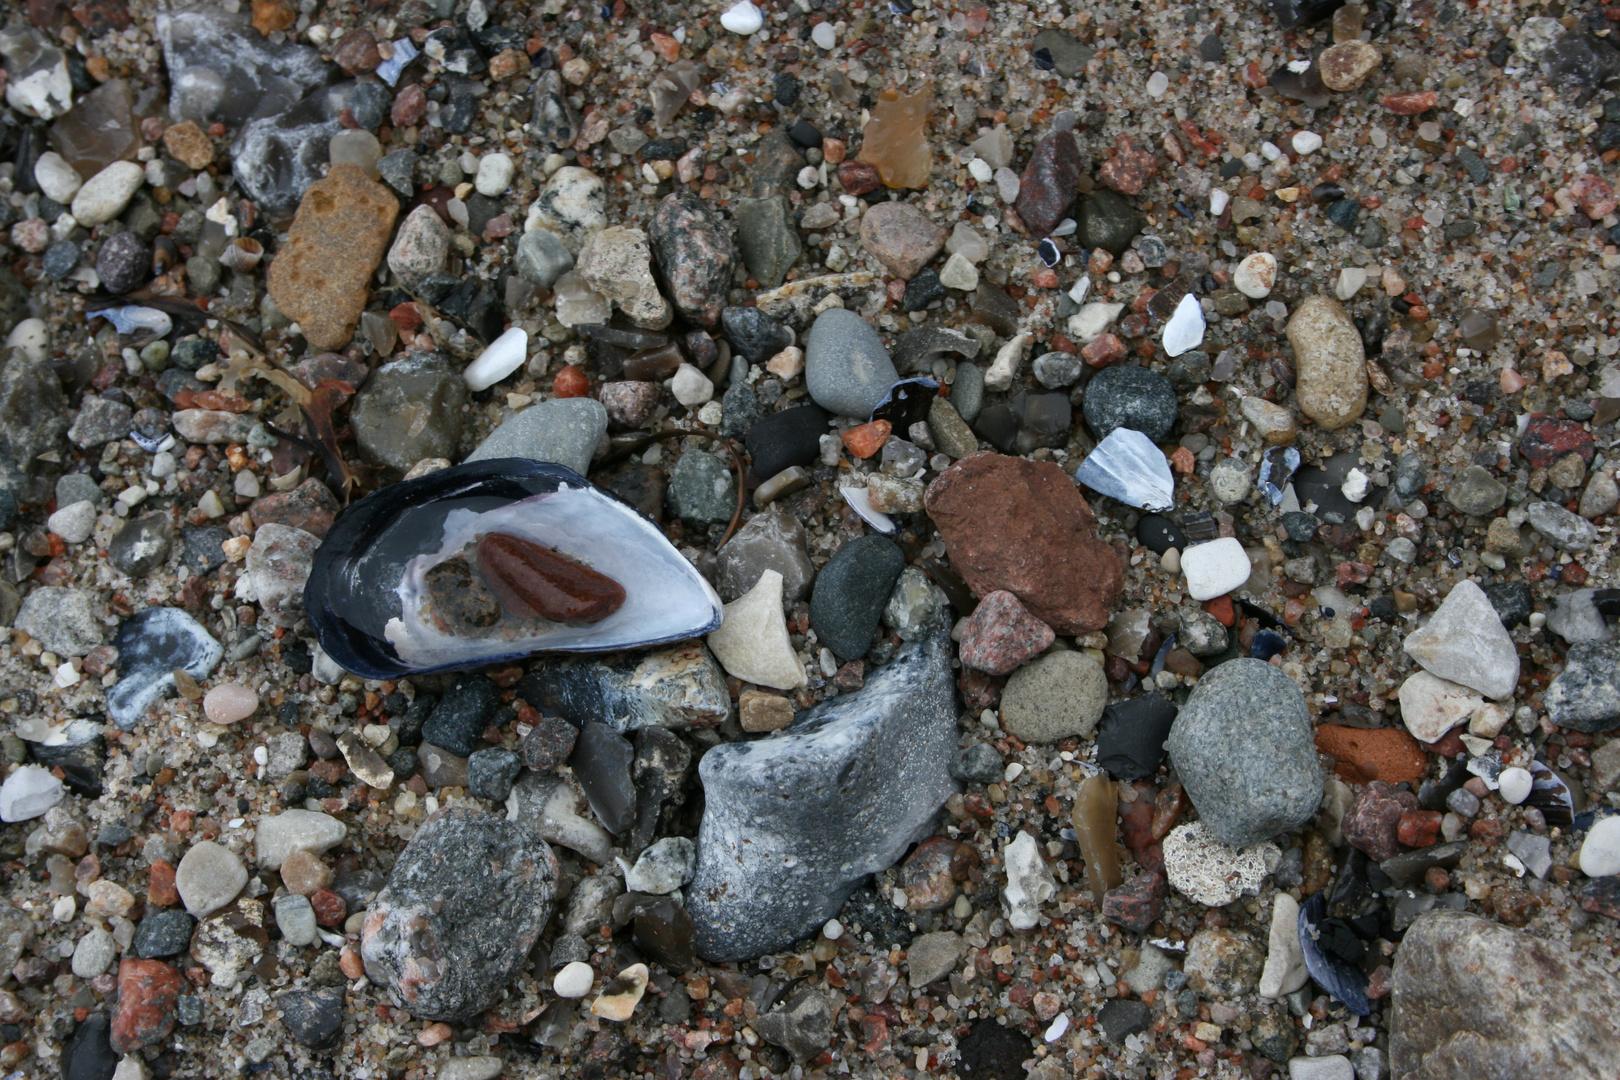 Unendlich viele Steine